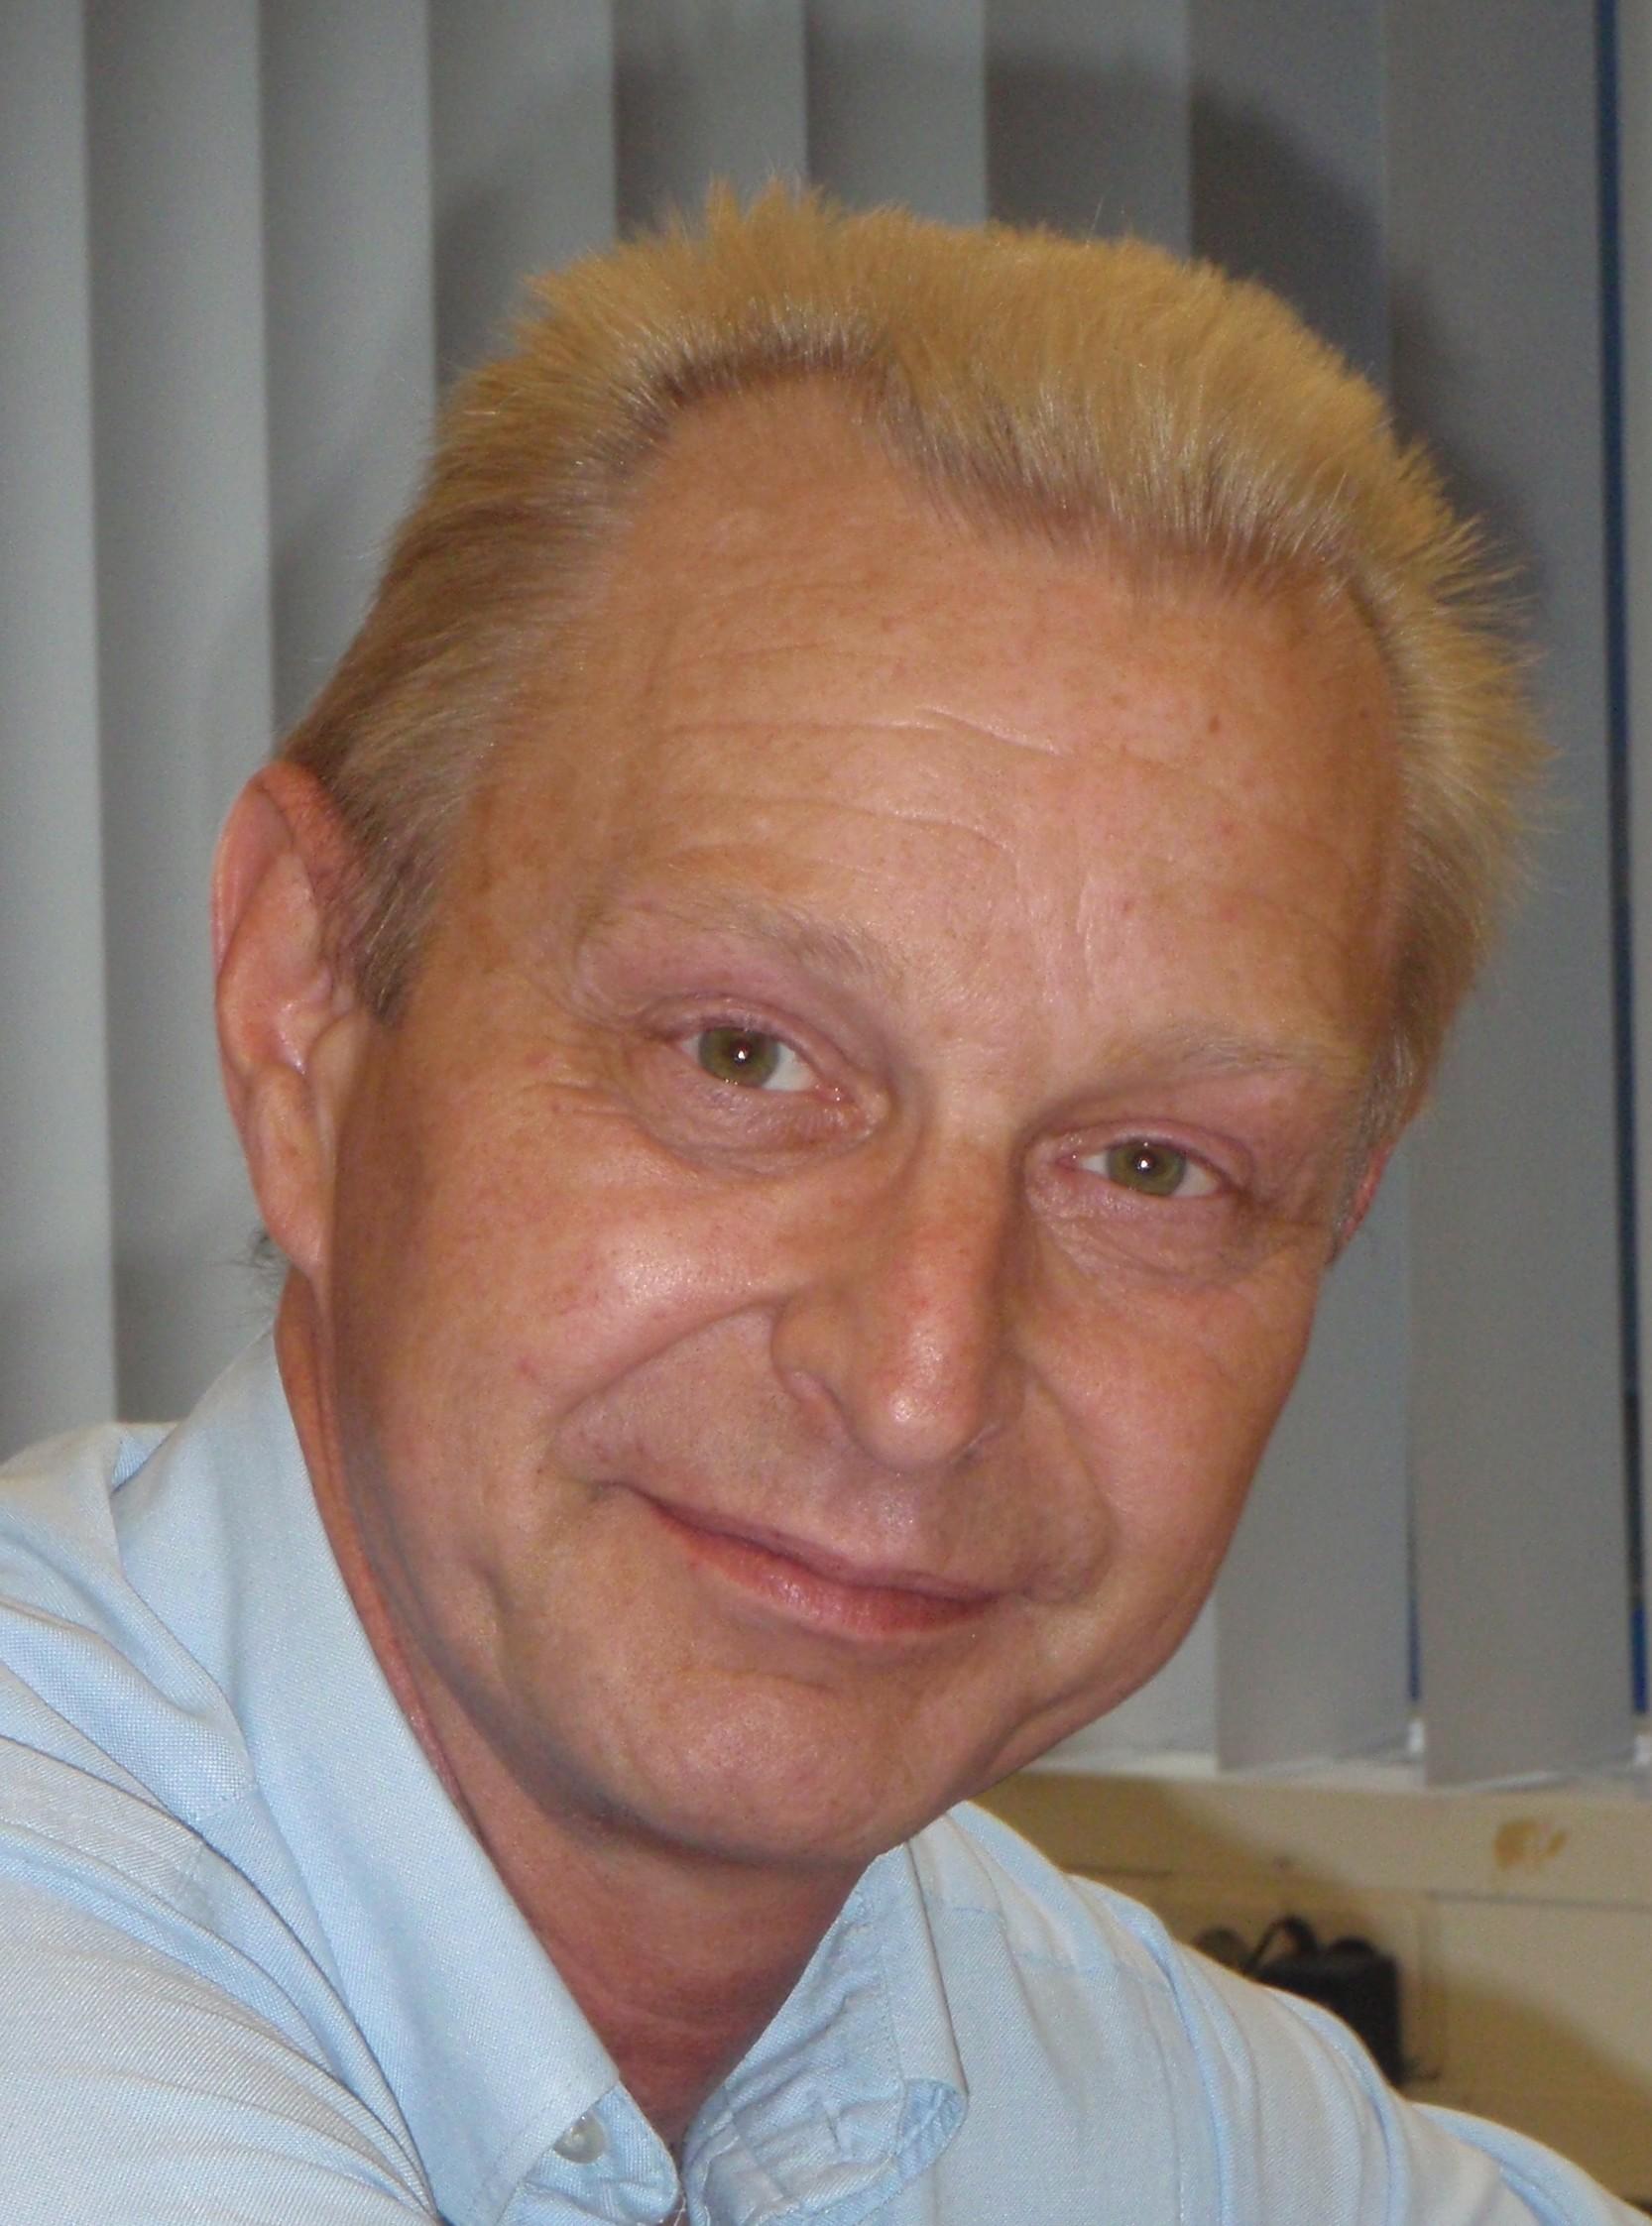 Geert Paul Weeda